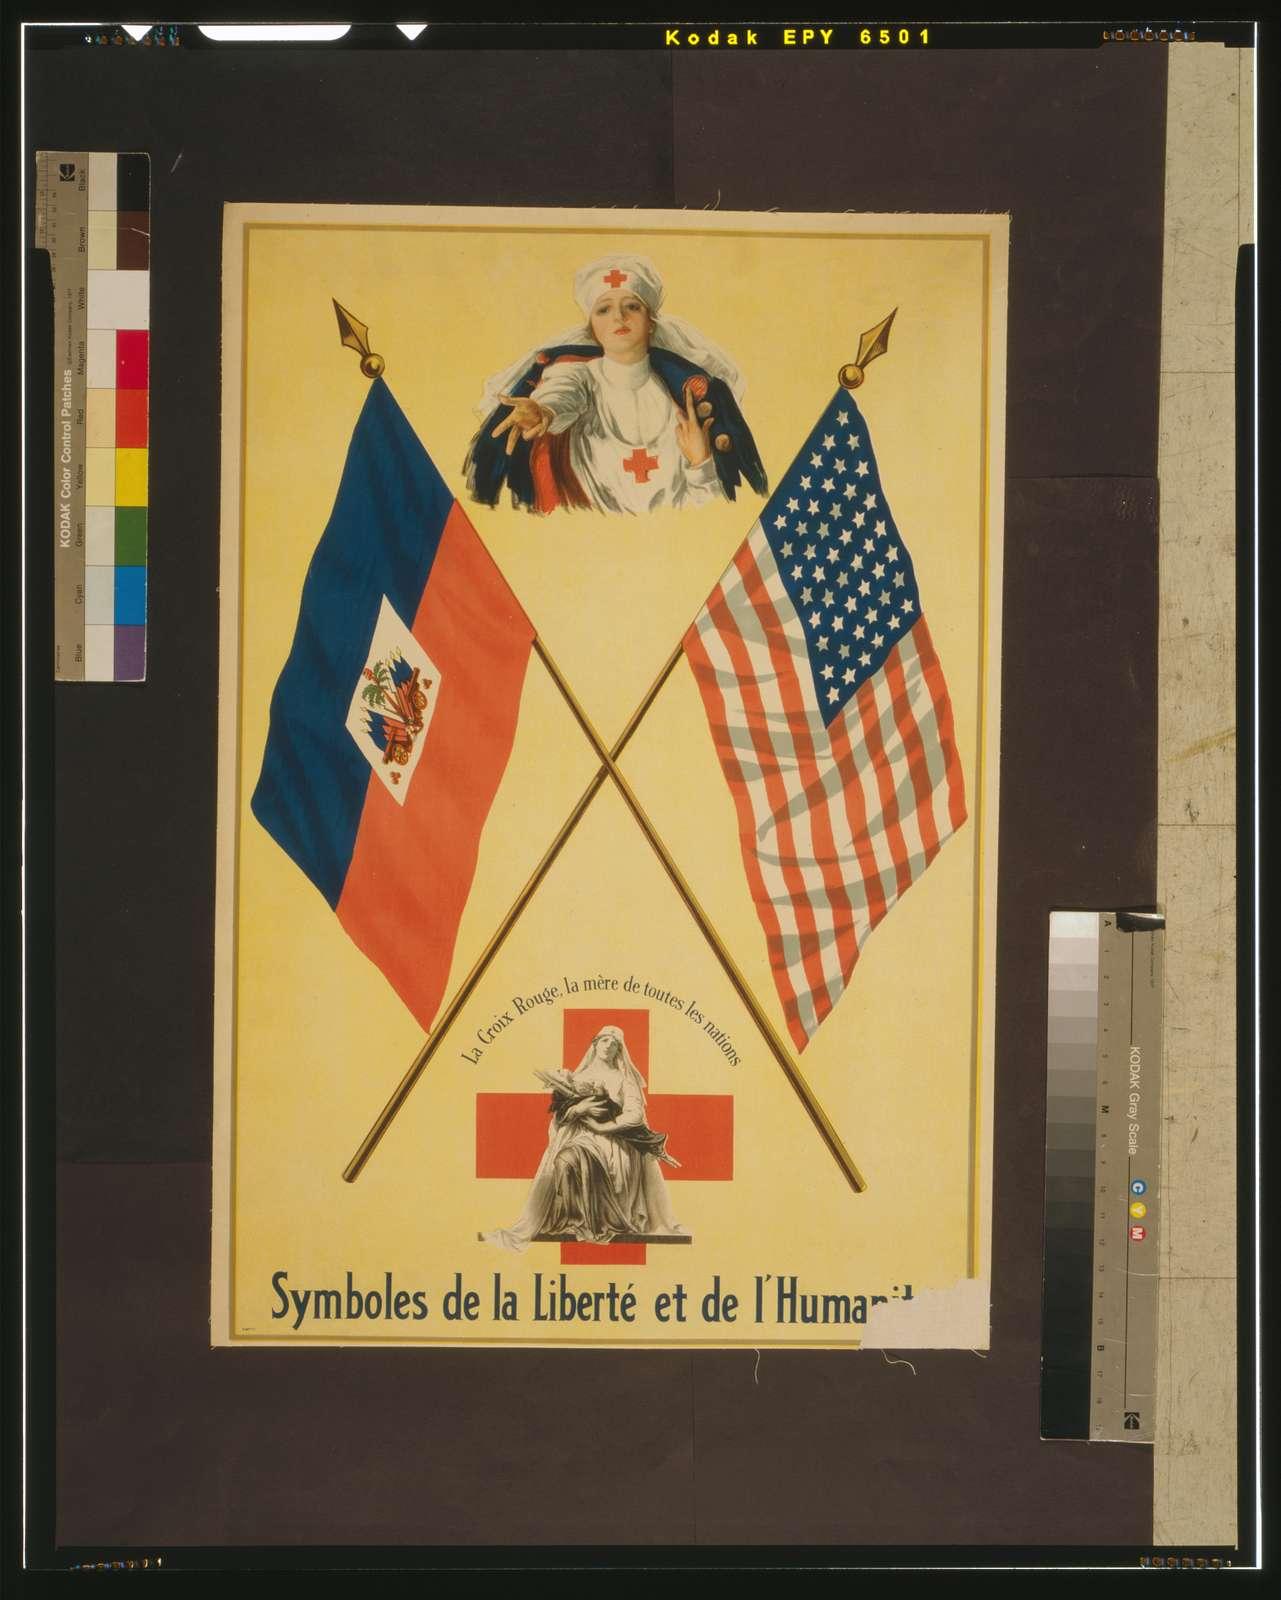 Symboles de la liberté et de l'huma[nité] La Croix Rouge, la mère de toutes les nations.